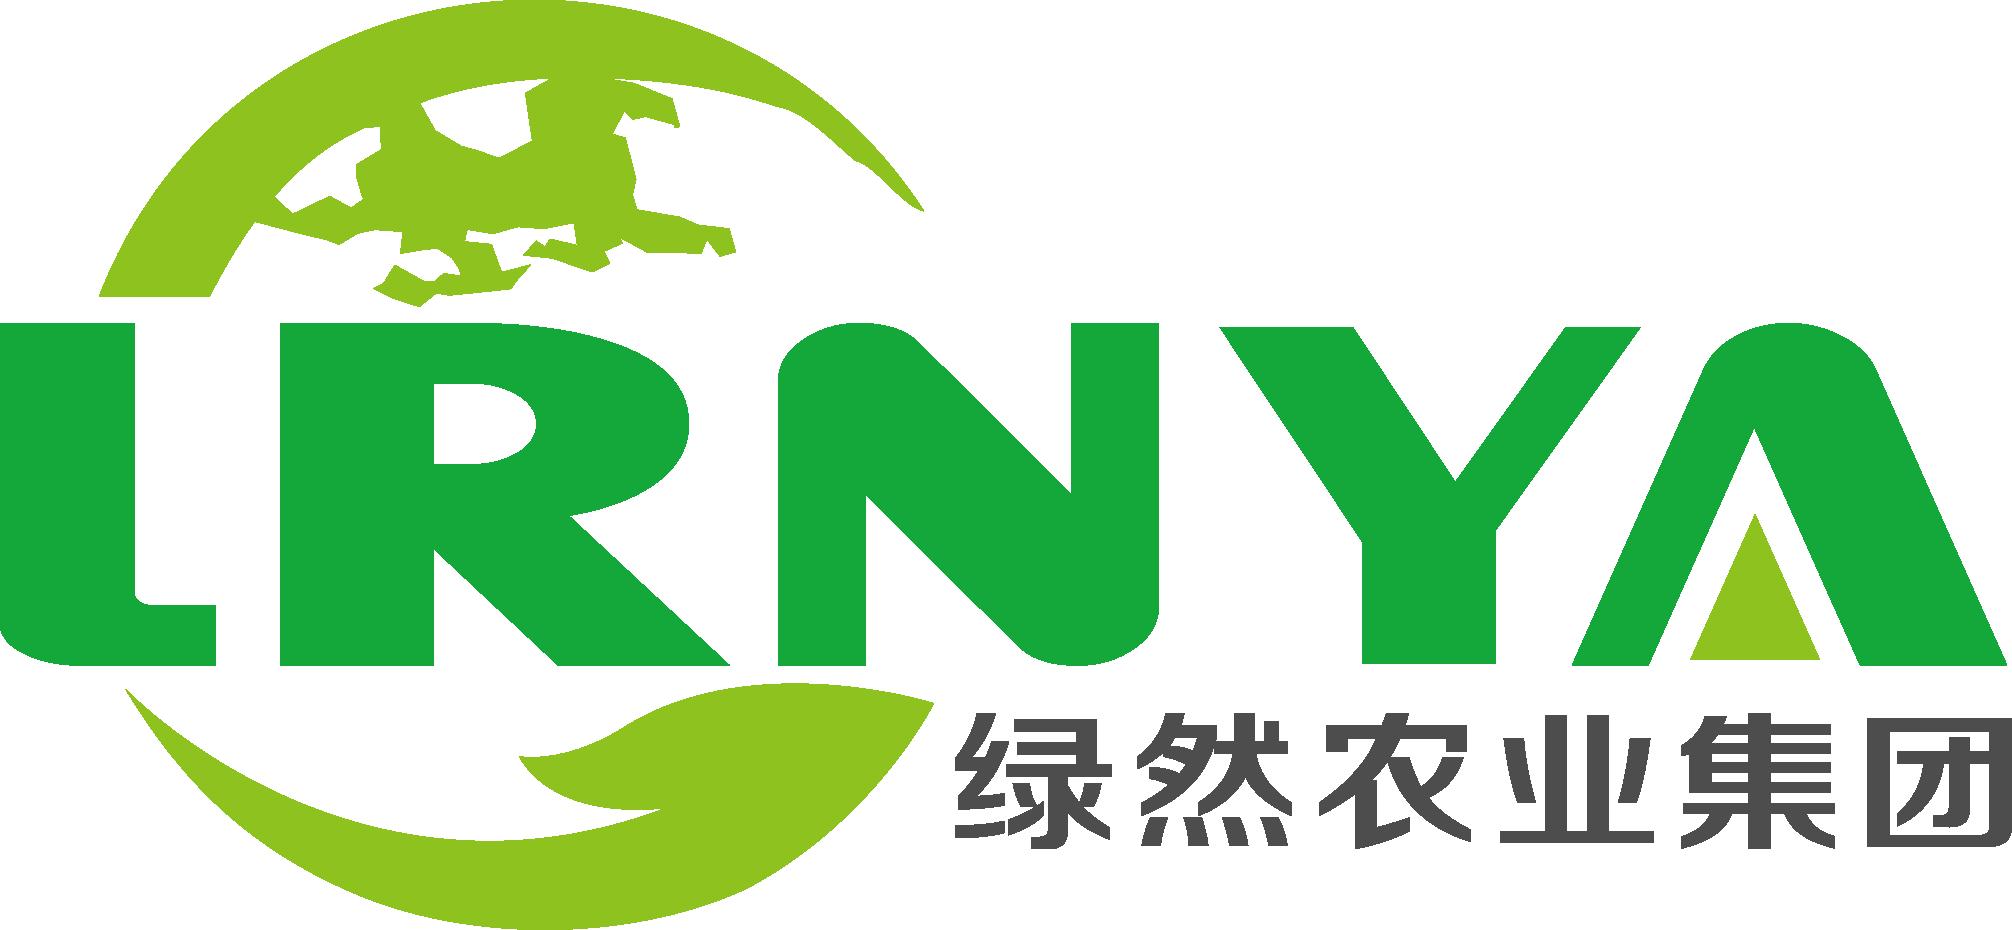 深圳市绿然农业集团有限公司官网